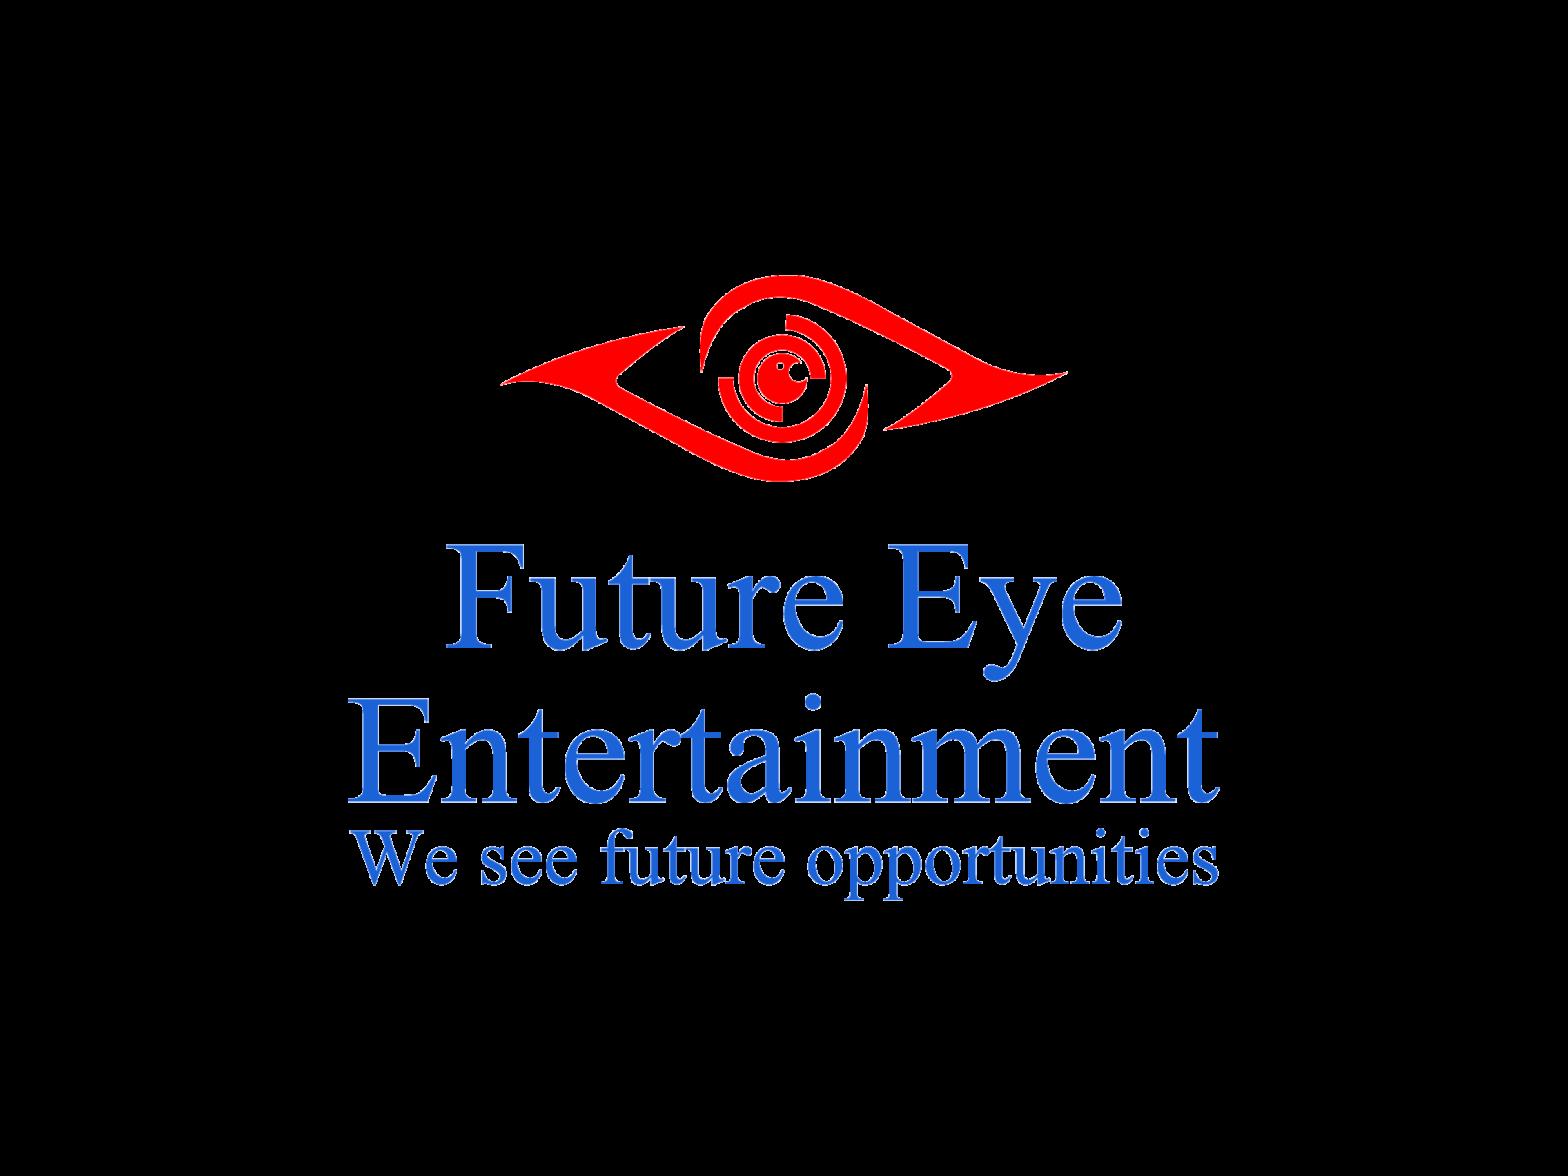 Future Eye Entertainment